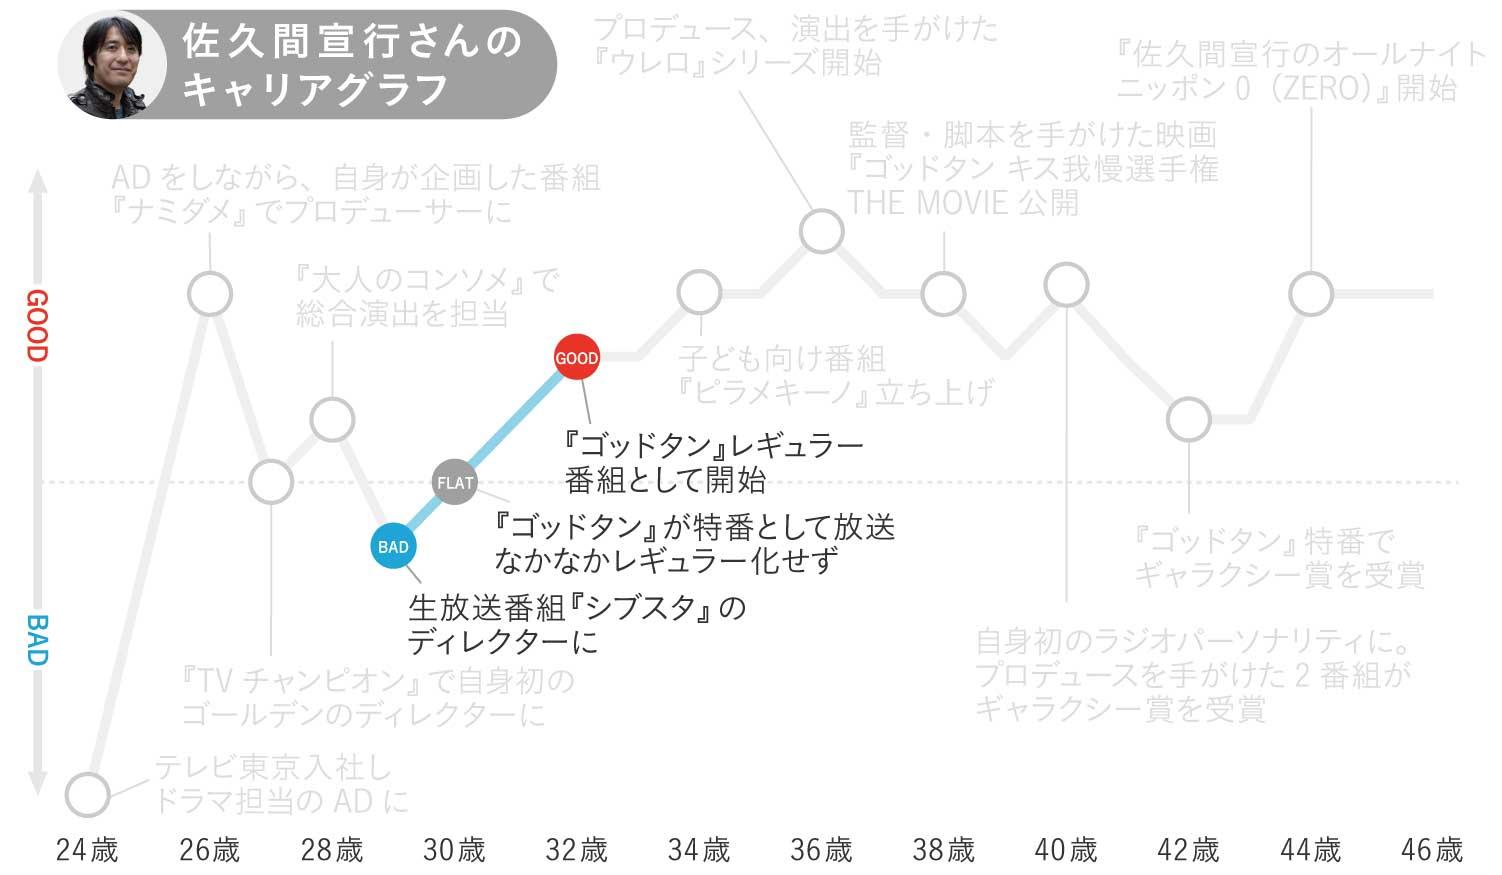 佐久間宣行さんのキャリアグラフ3